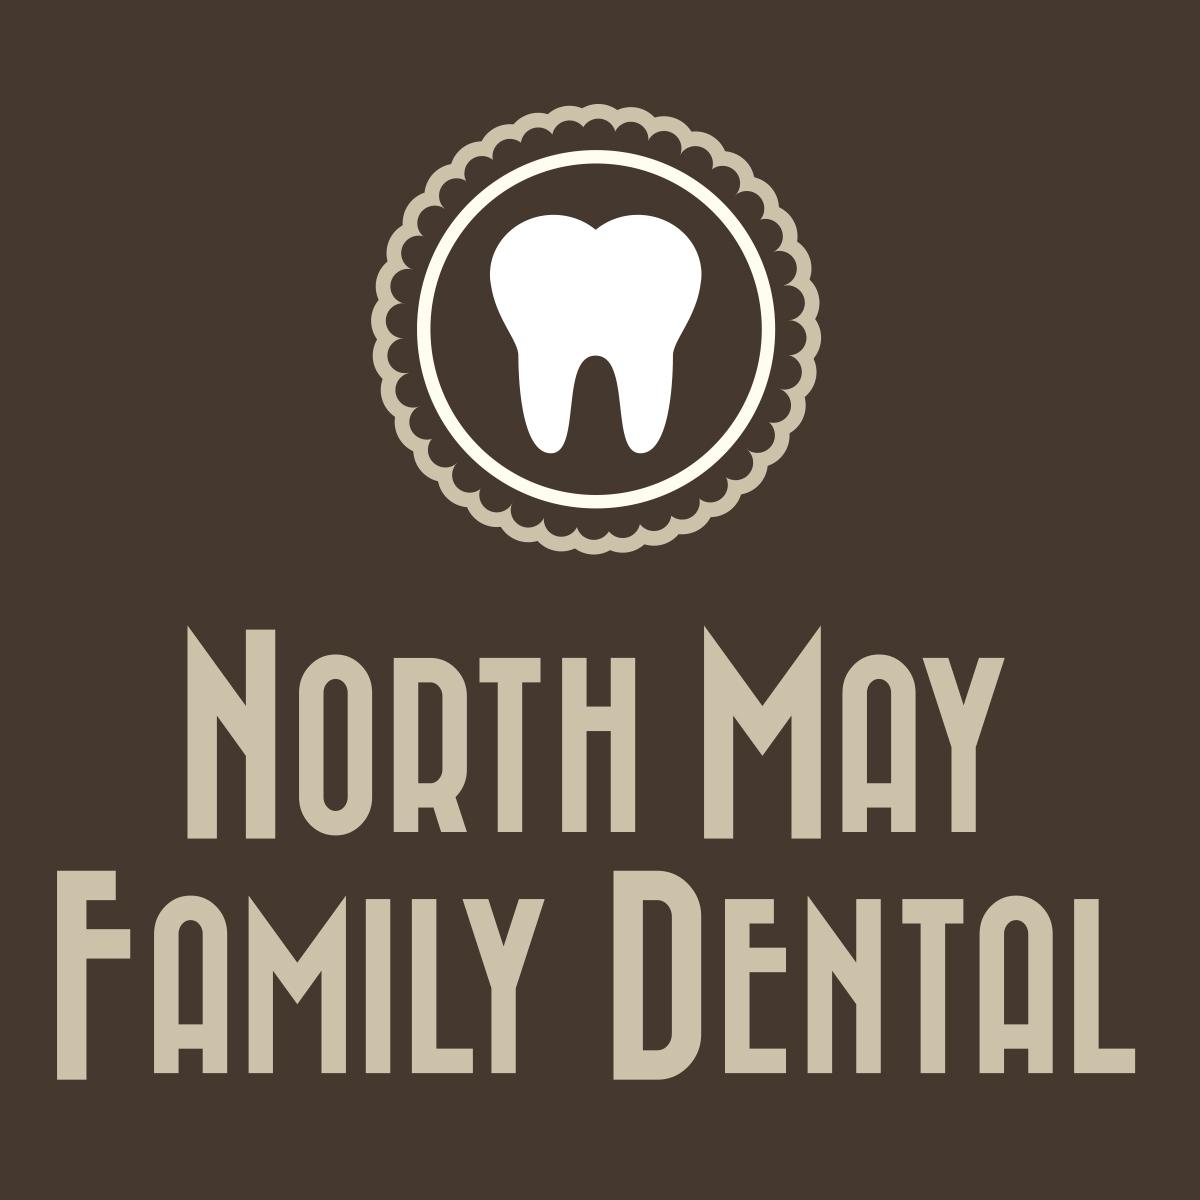 North May Family Dental image 0